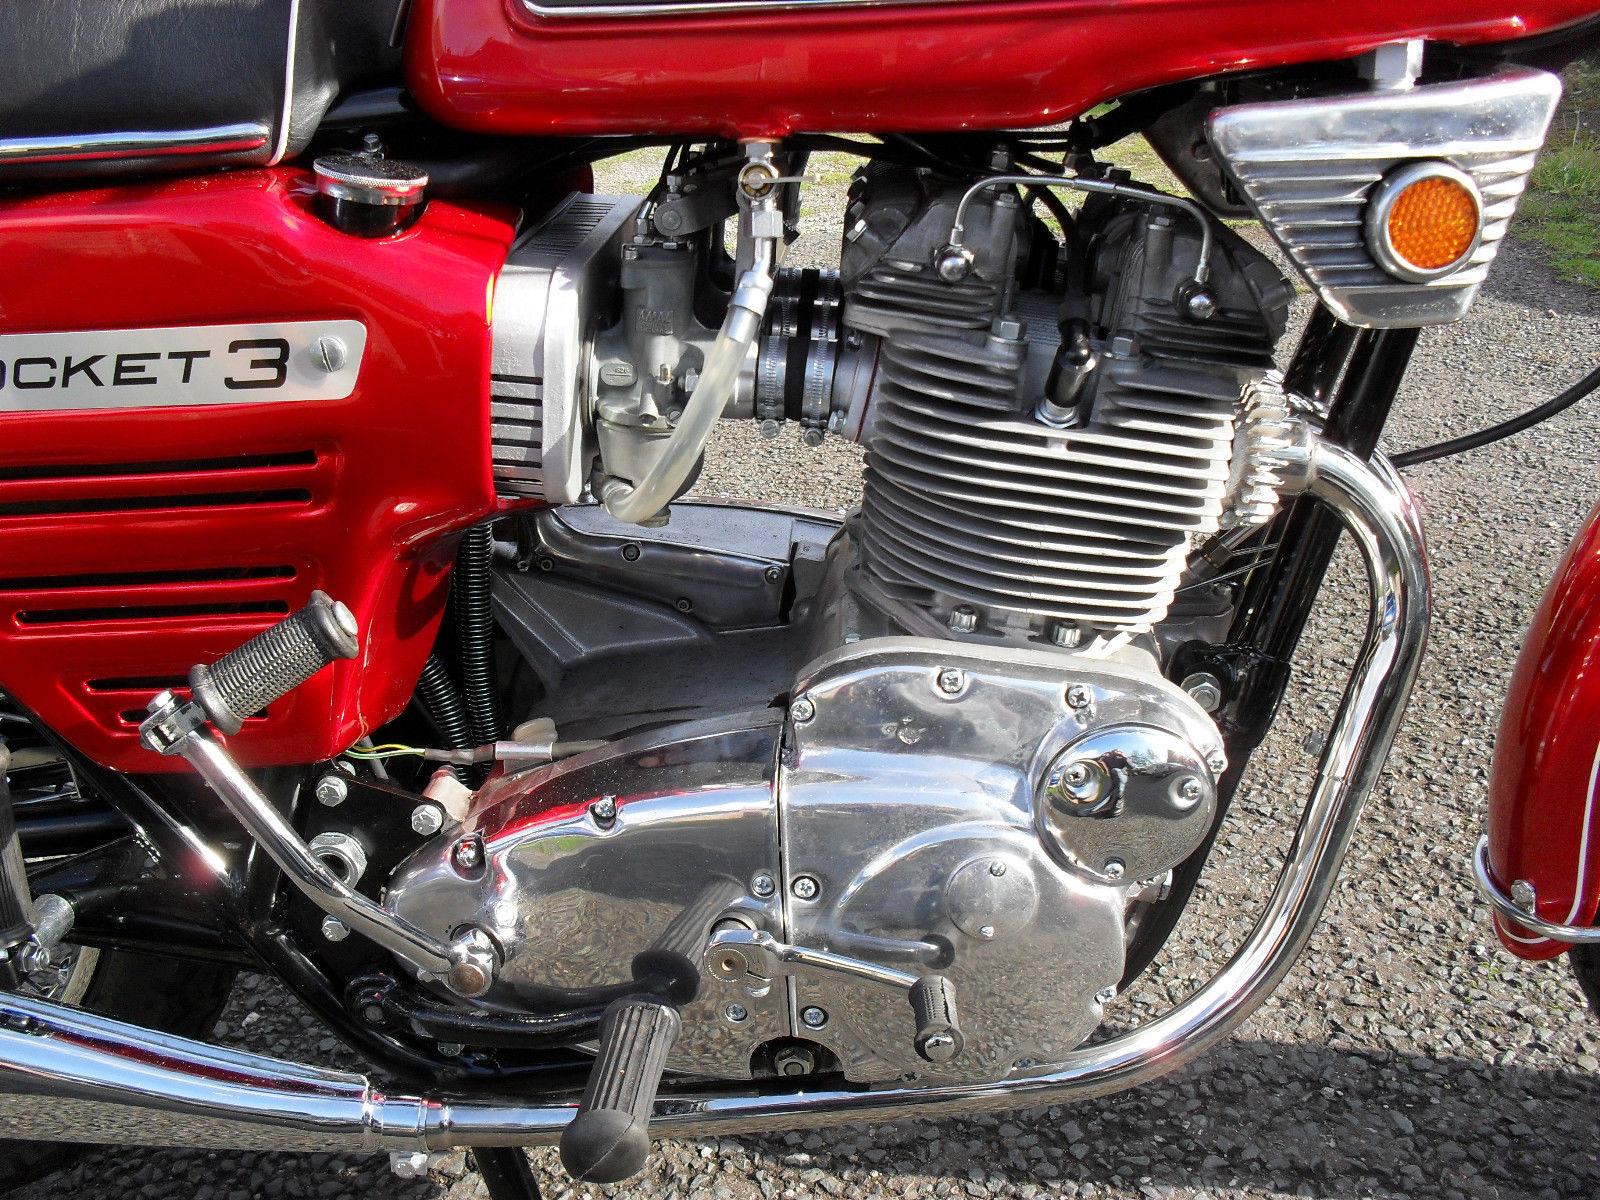 BSA Rocket 111 - 1969 - Engine Detail, Kick Start, Motor, Carburettors, Gear Change and Polished Case.